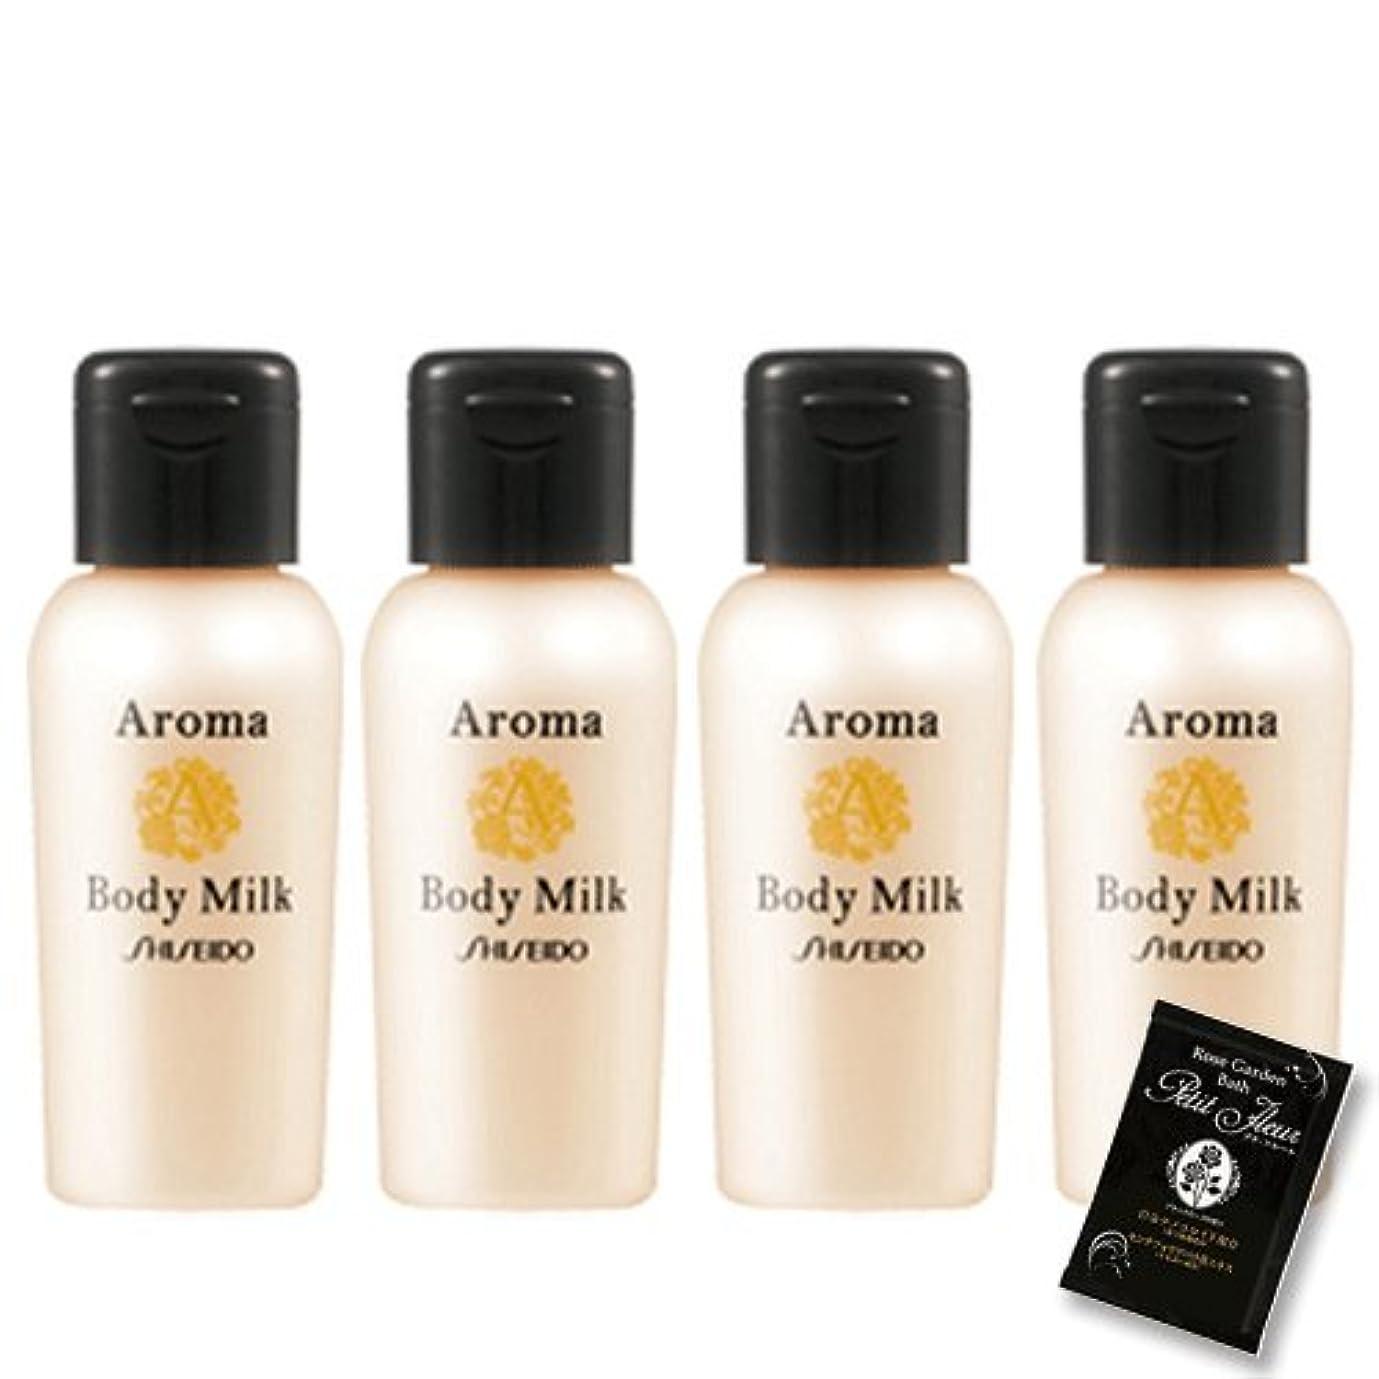 資生堂 ジアメニティ アロマミルク 30ml ミニボトル 4本セット + 入浴剤(プチフルール)付き